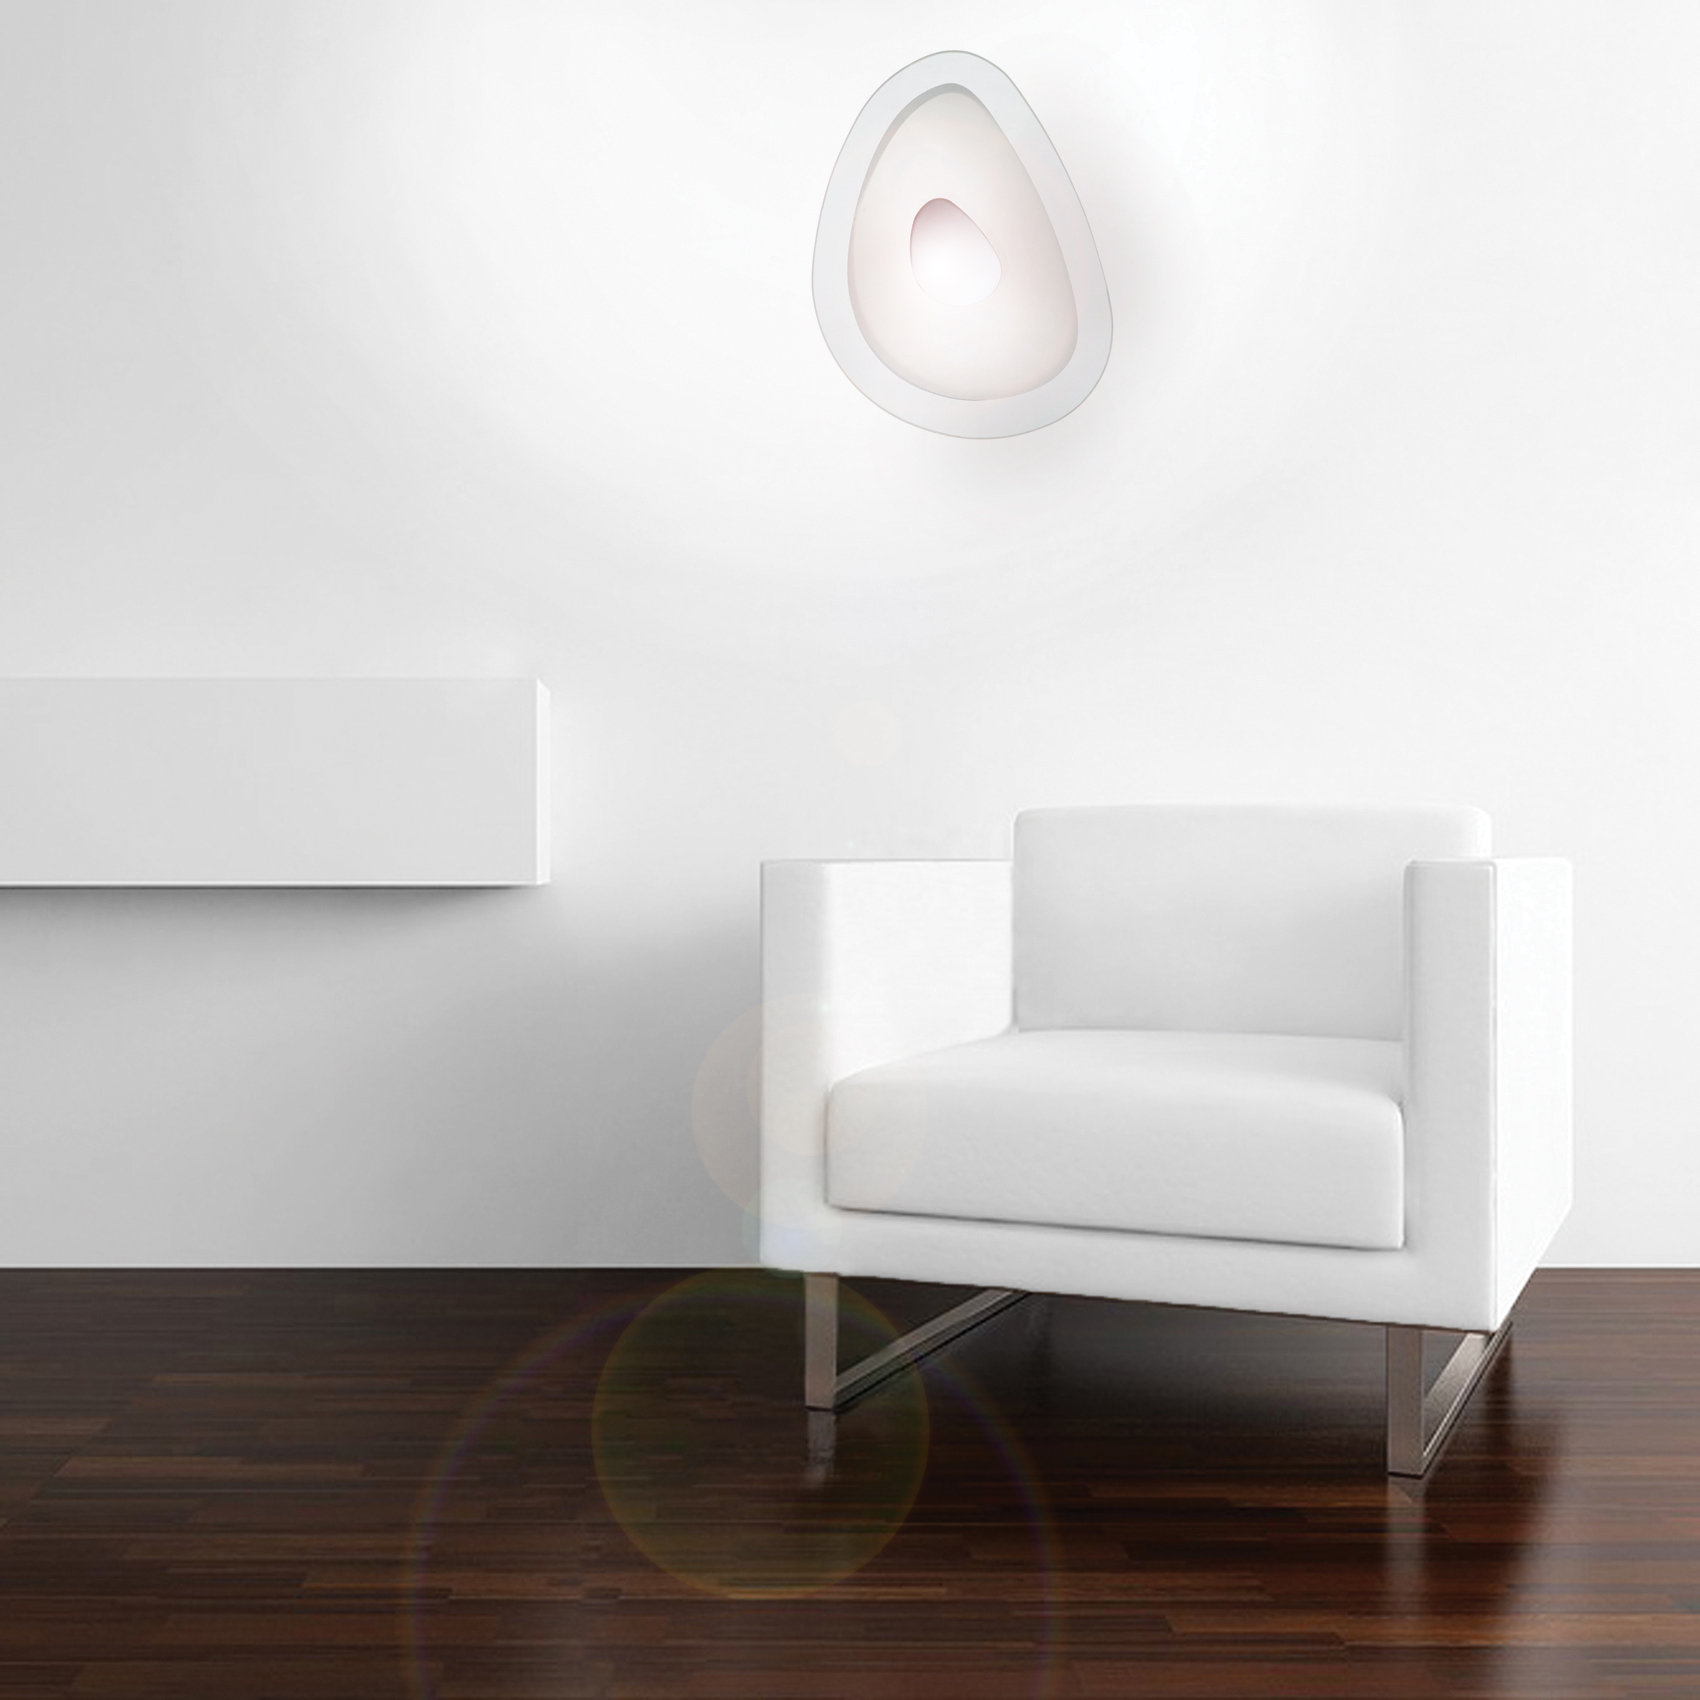 Lampada da parete soffitto bianco luci a parete for Luci parete